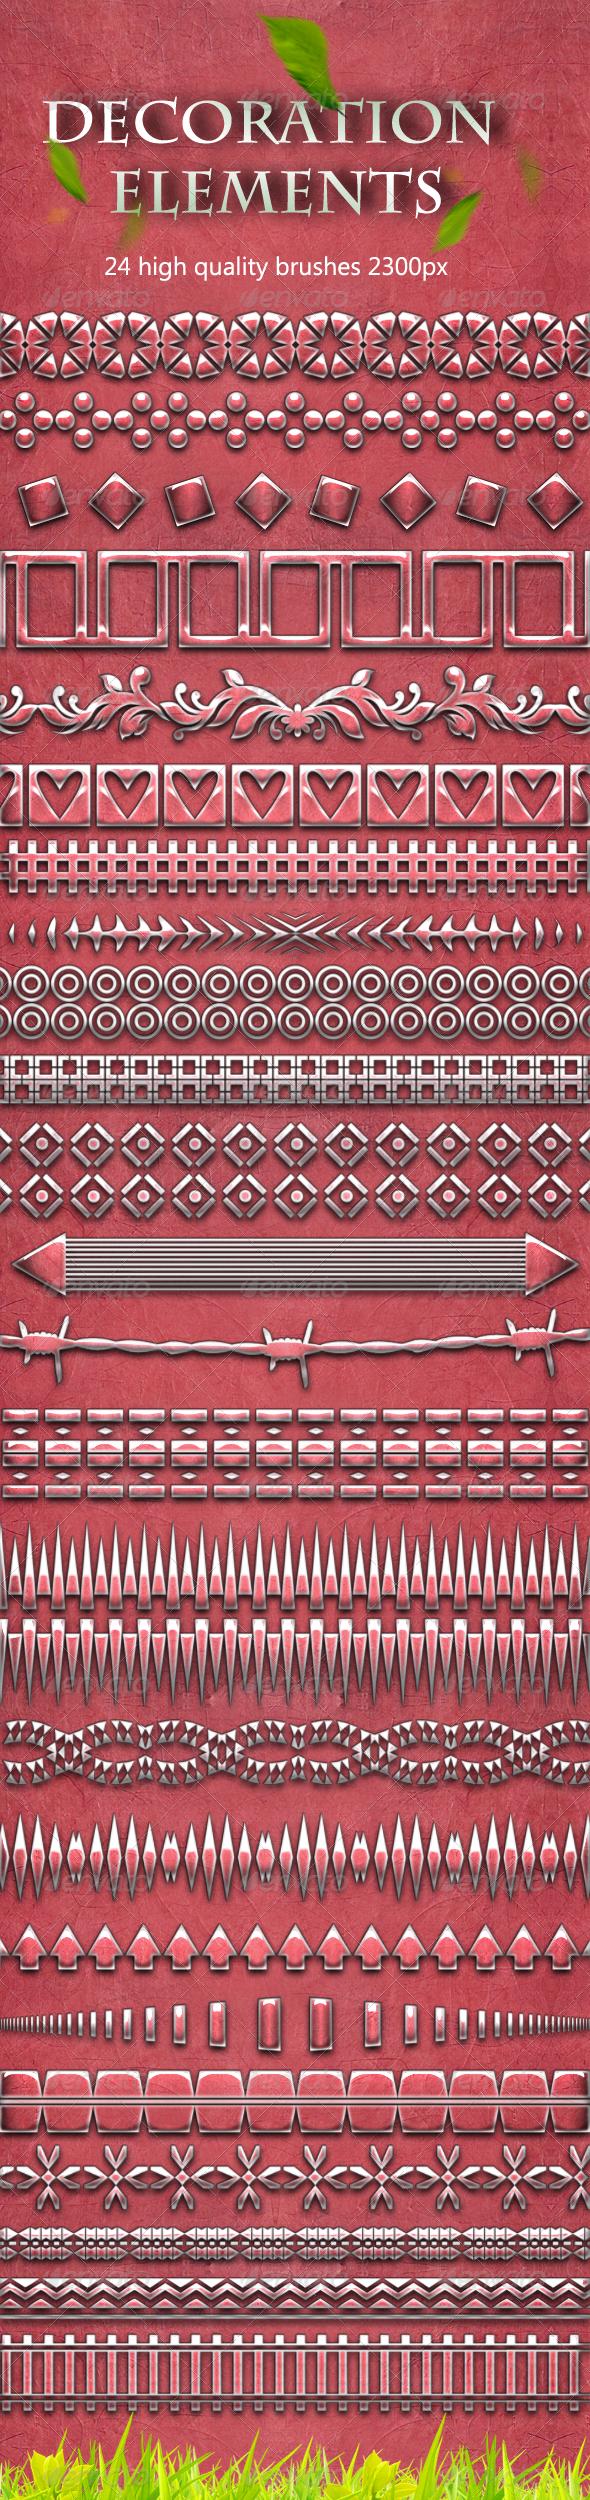 Decoration Elements Brushes - Miscellaneous Brushes